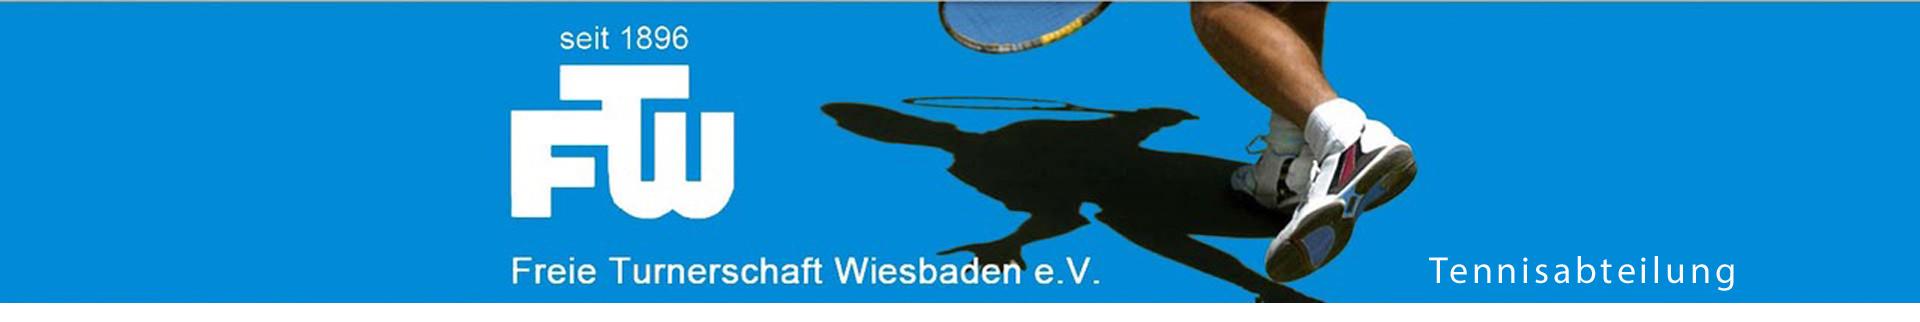 Freie Turnerschaft Wiesbaden 1896 e.V. - Tennisabteilung